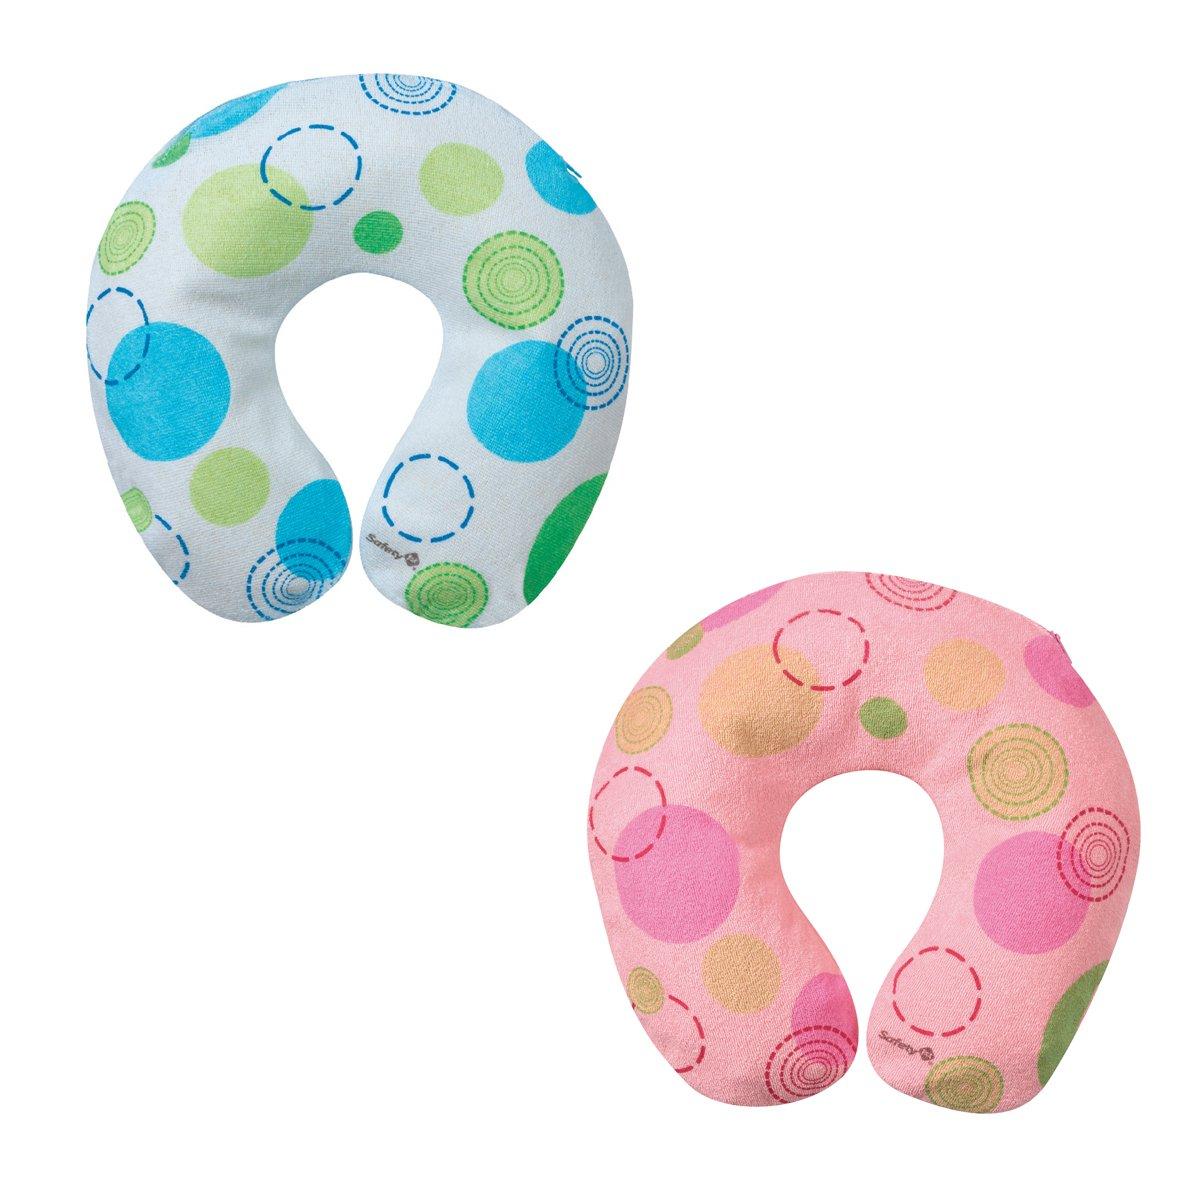 Safety 1st 38004760 - Cojín hinchable para niños, colores surtidos, 1 unidad Dorel